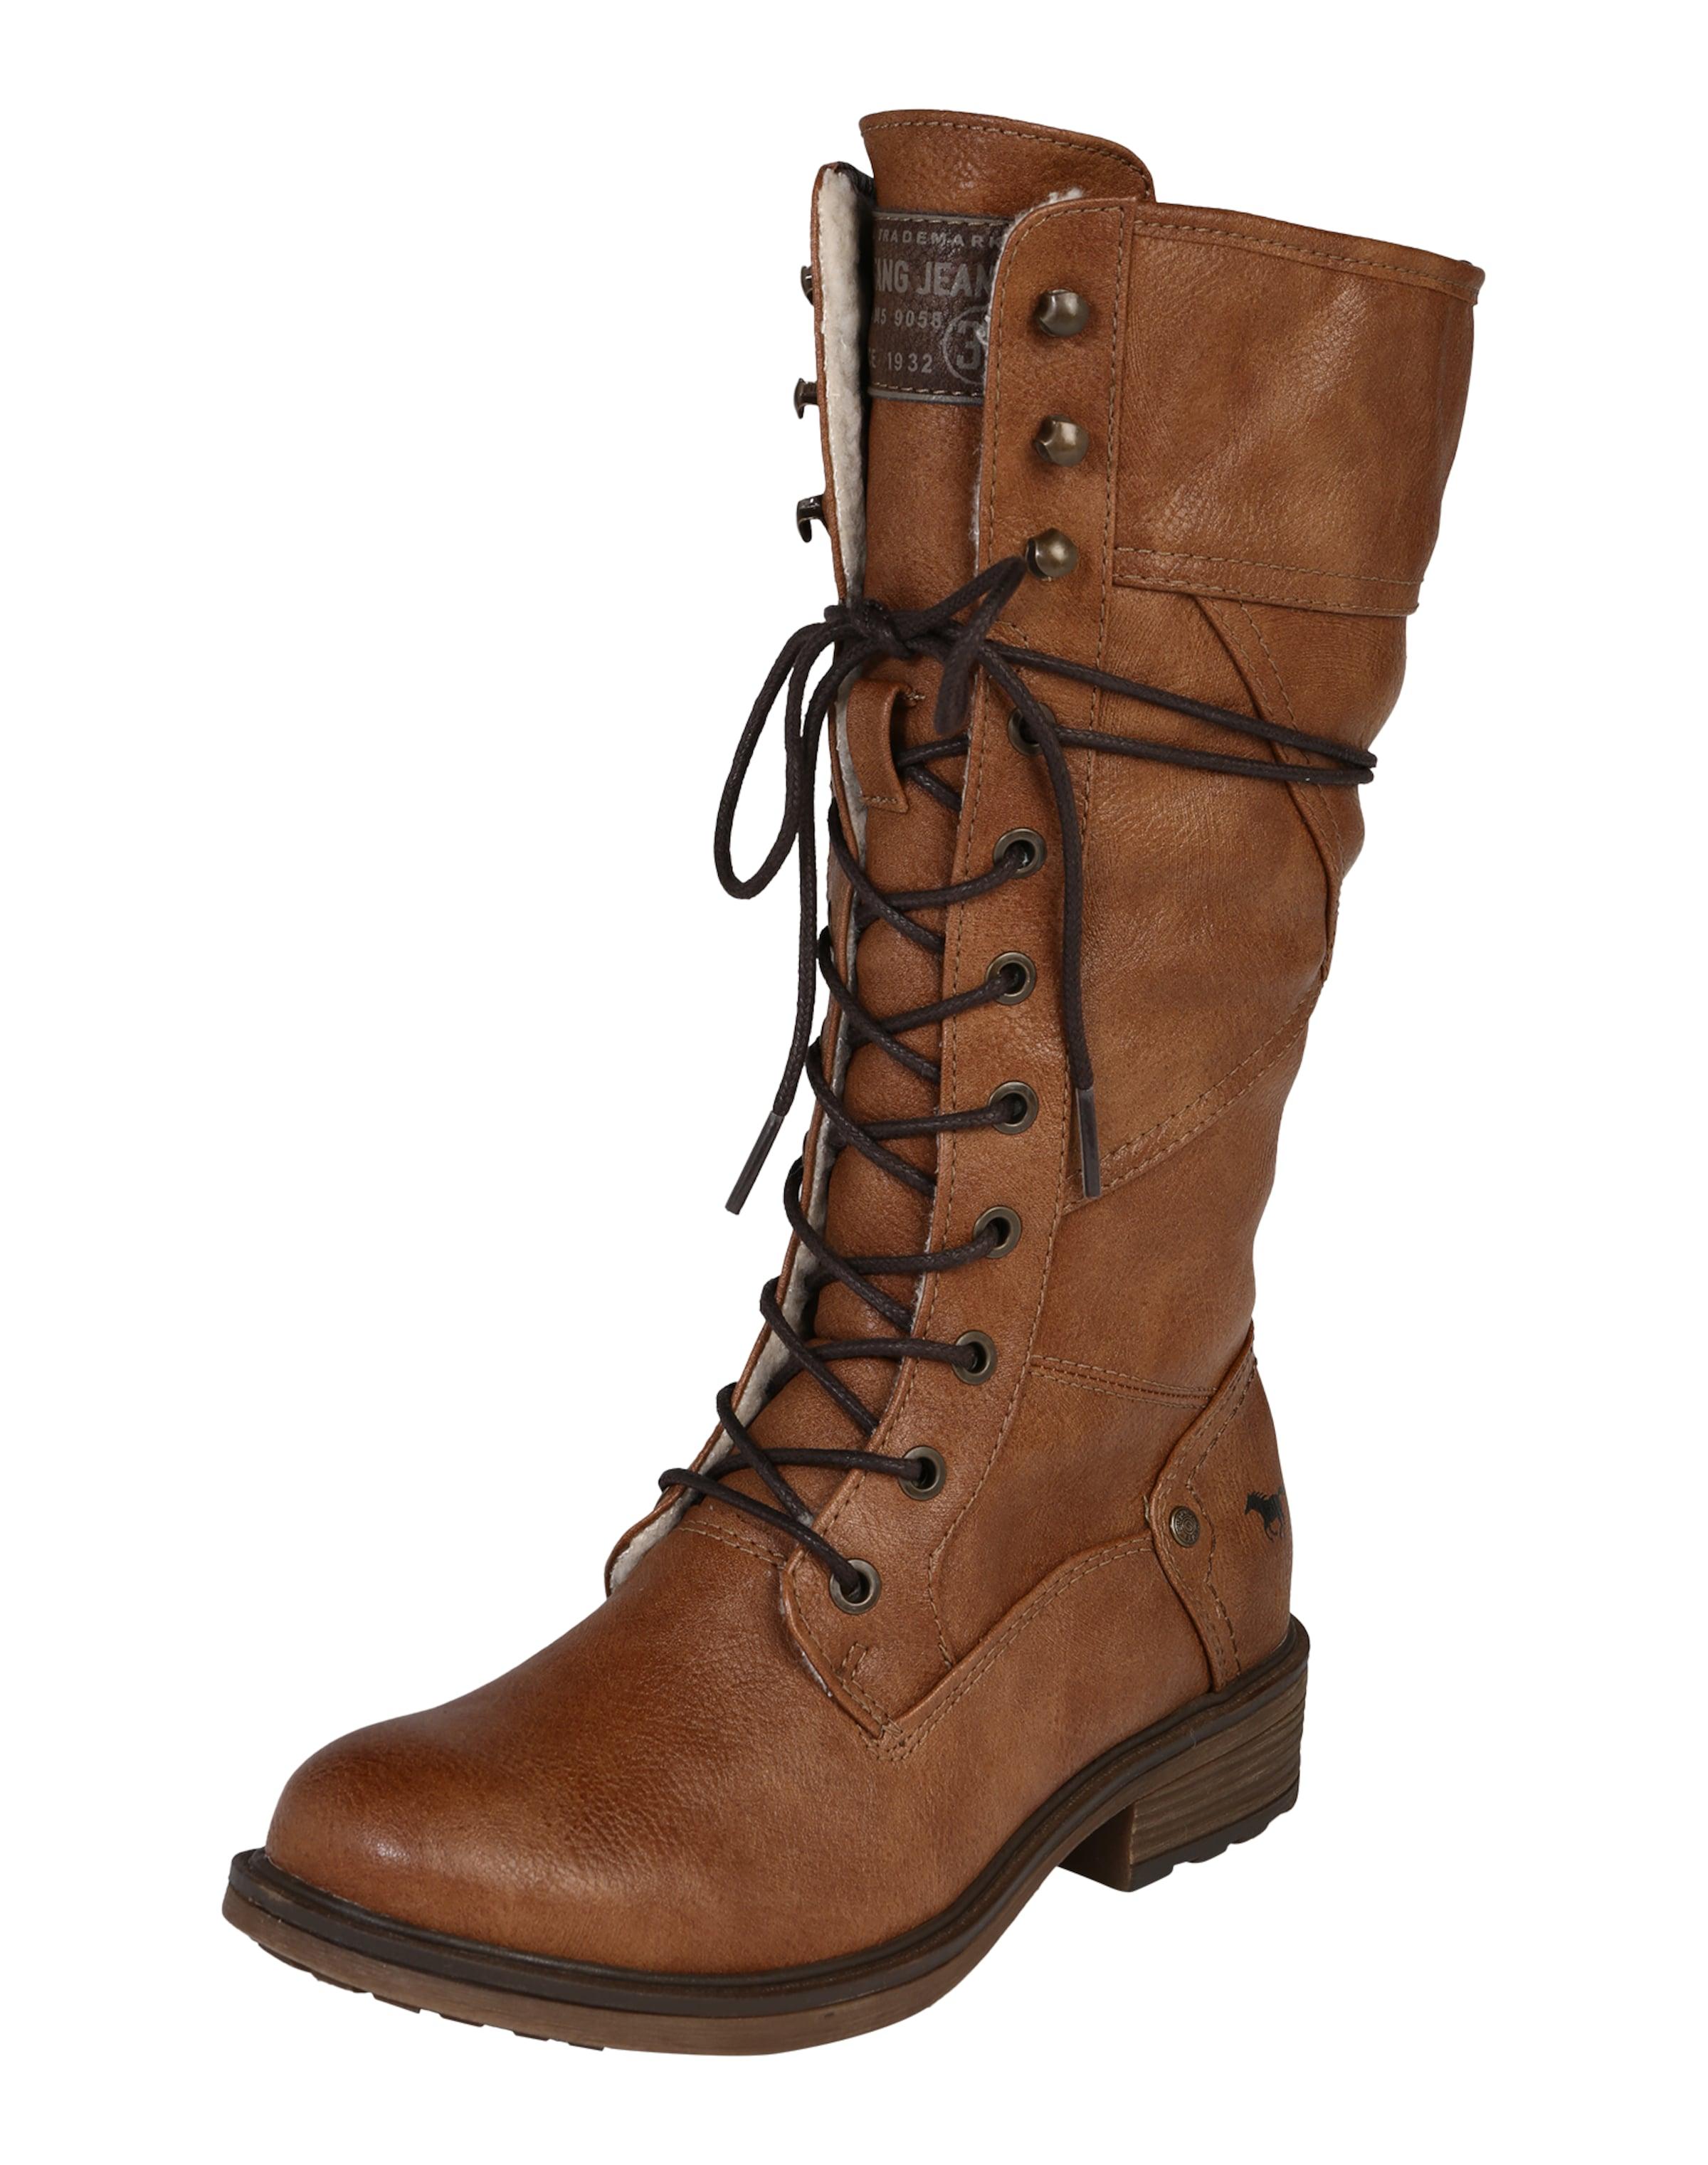 MUSTANG Stiefel mit Schnürung Verschleißfeste billige Schuhe